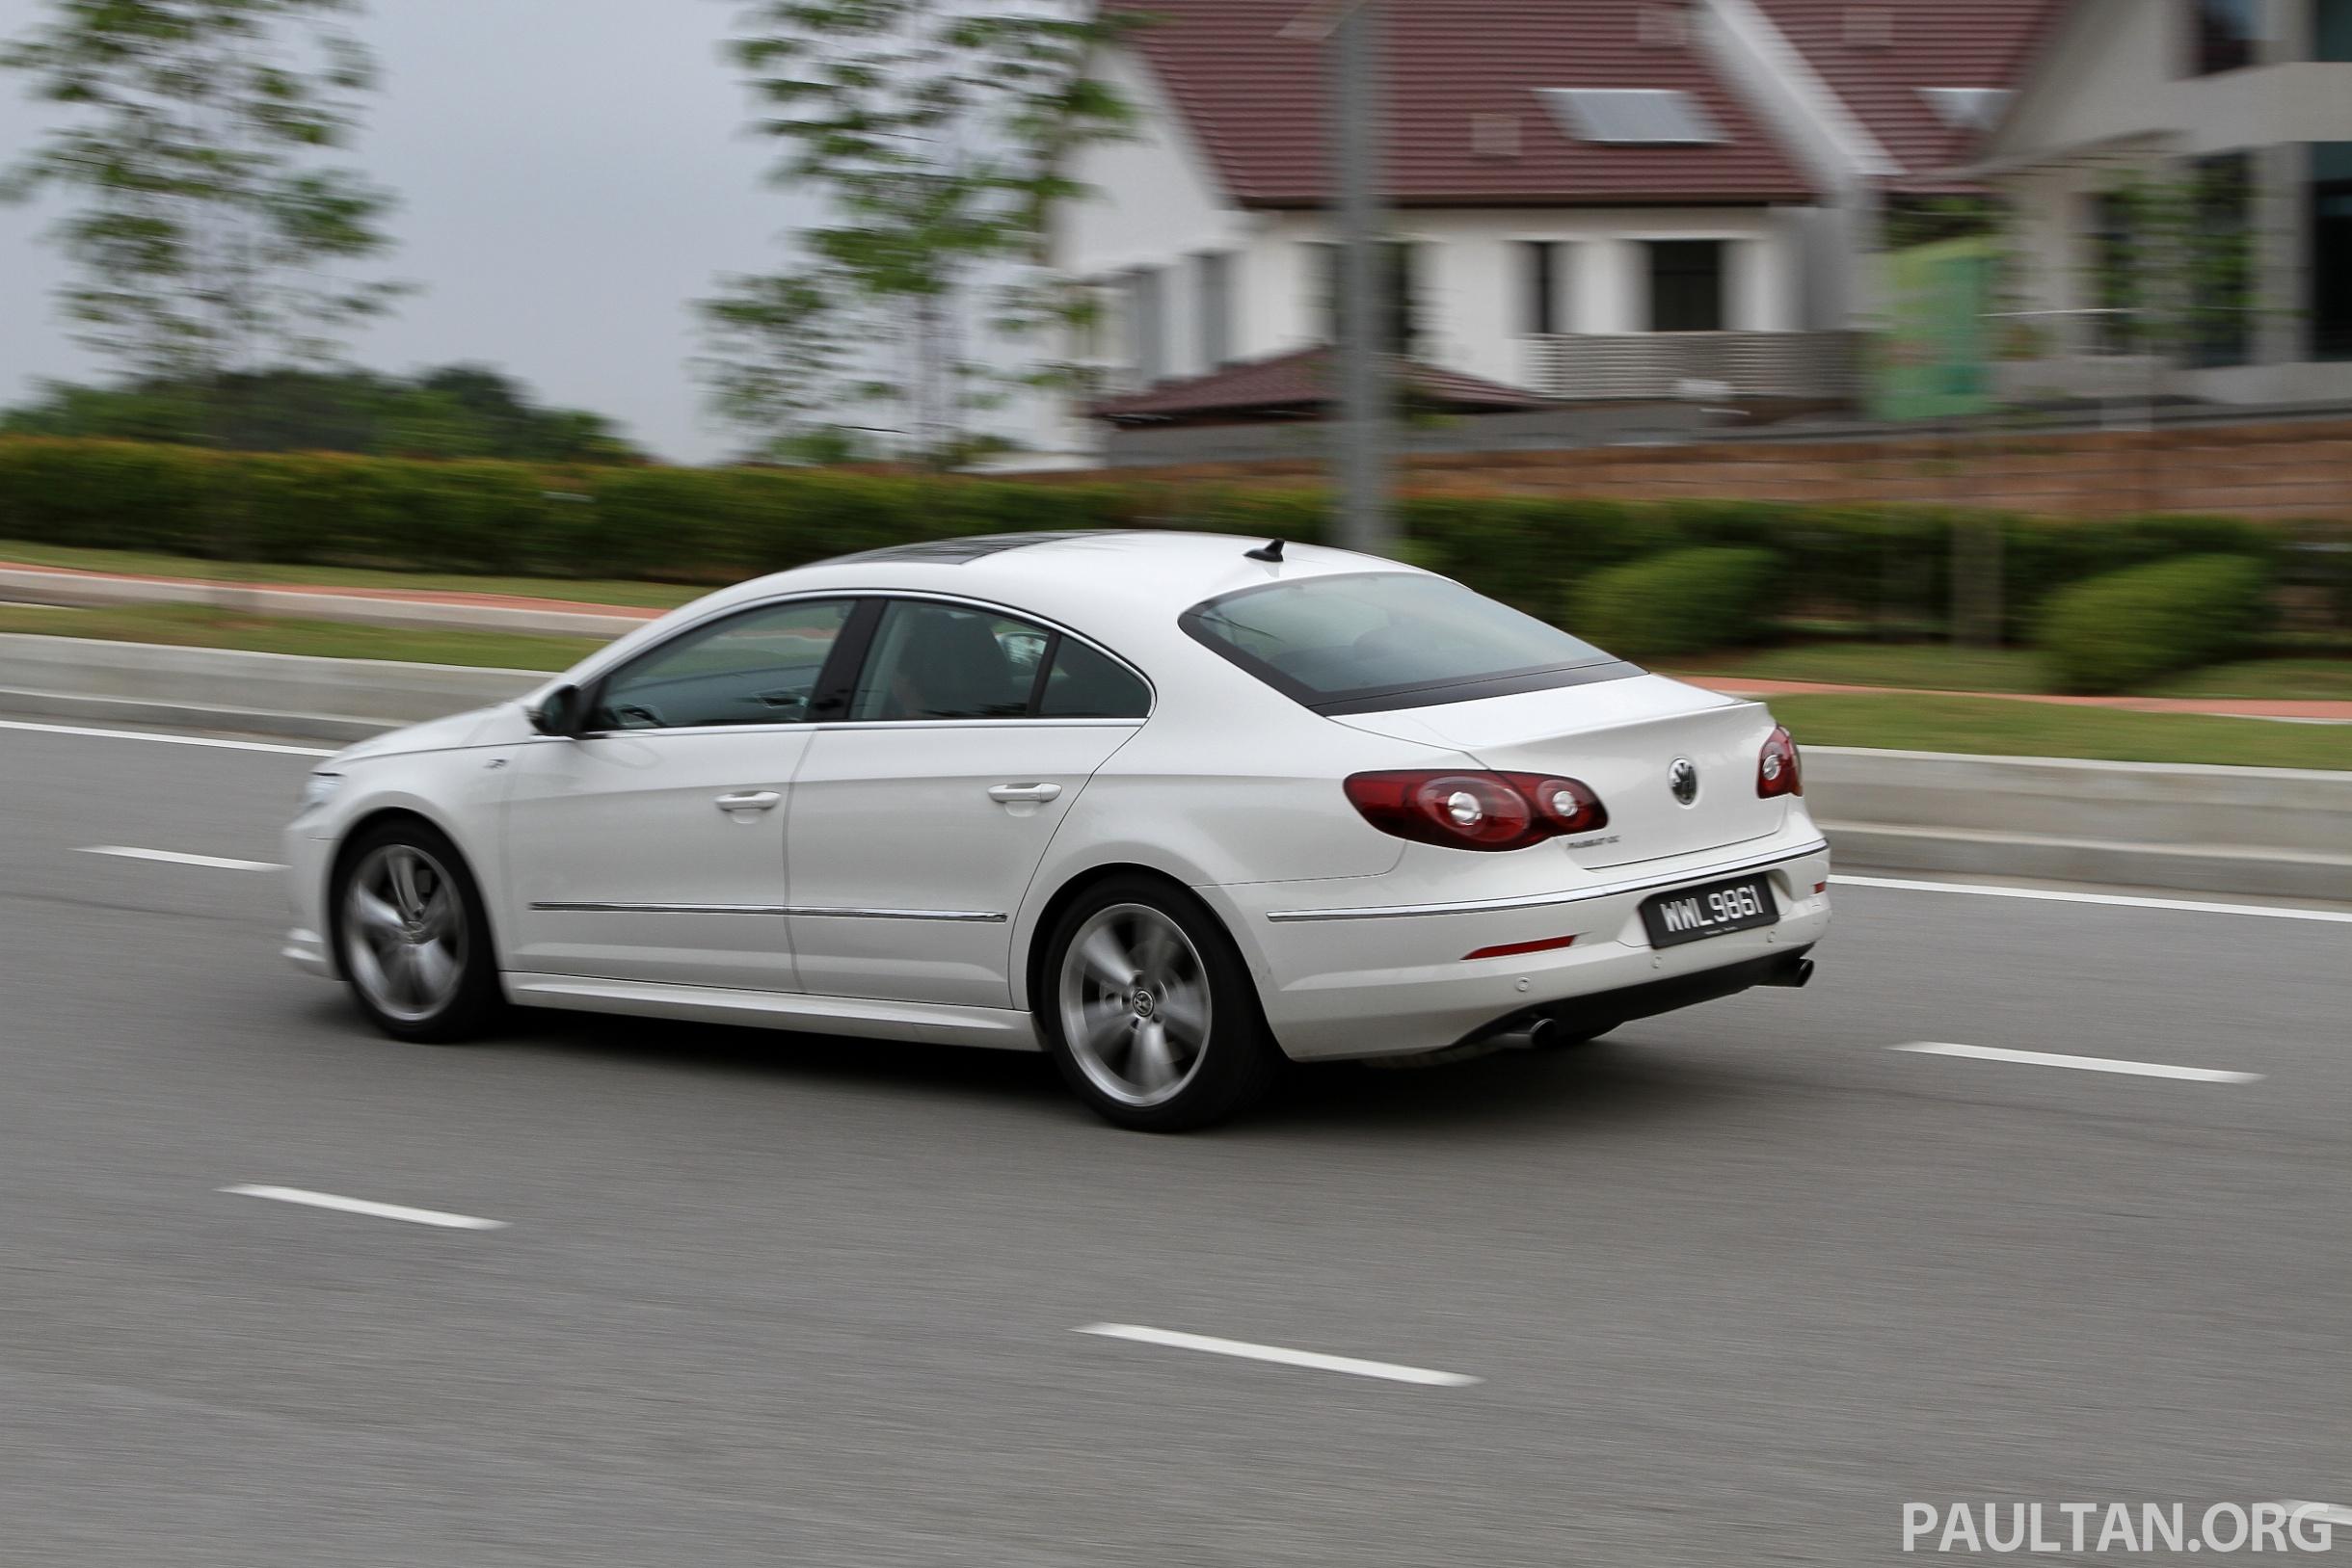 Volkswagen Passat Cc R Line 3 6l Test Drive Review Image